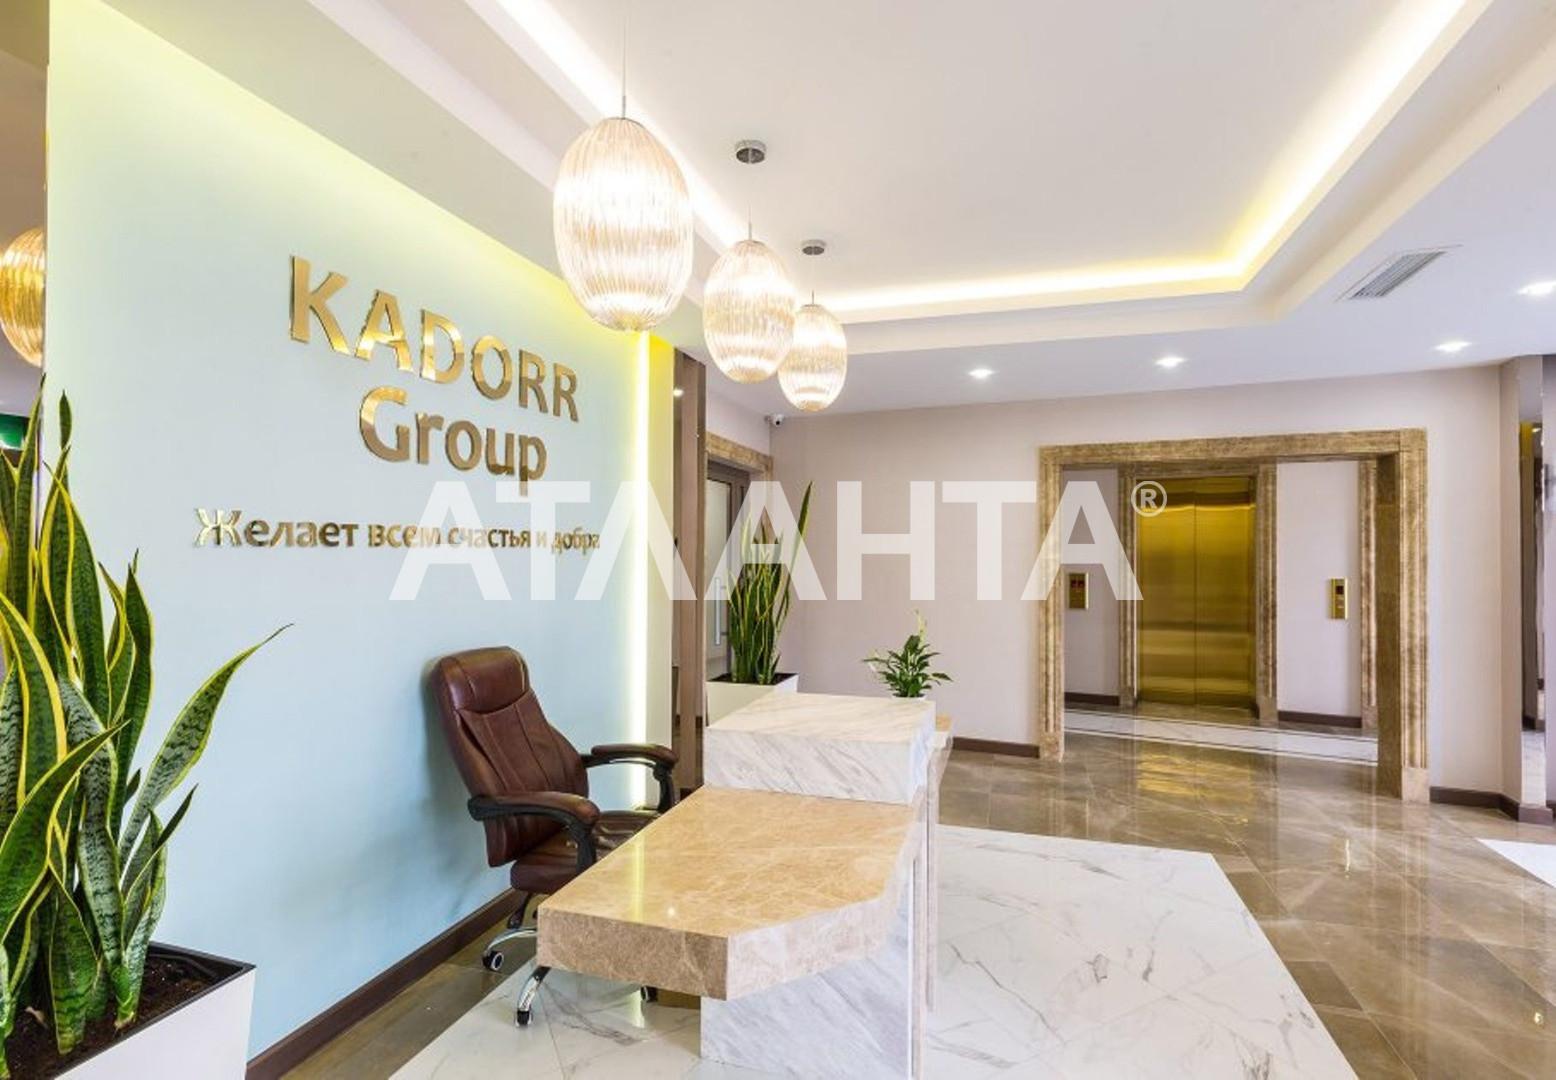 Продается 1-комнатная Квартира на ул. Каманина — 38 500 у.е. (фото №5)